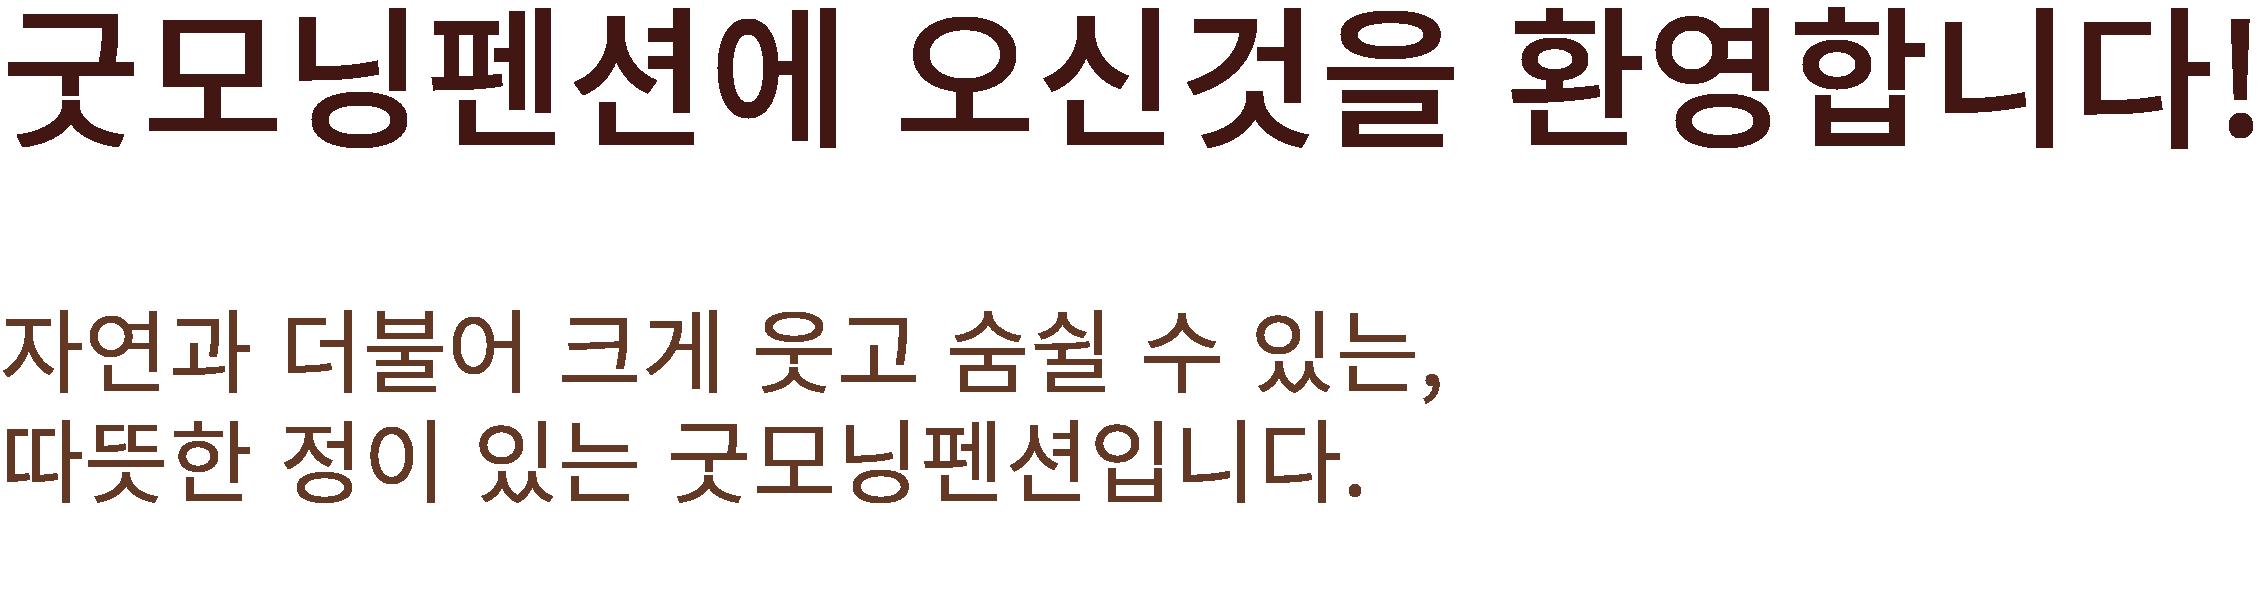 펜션소개.png